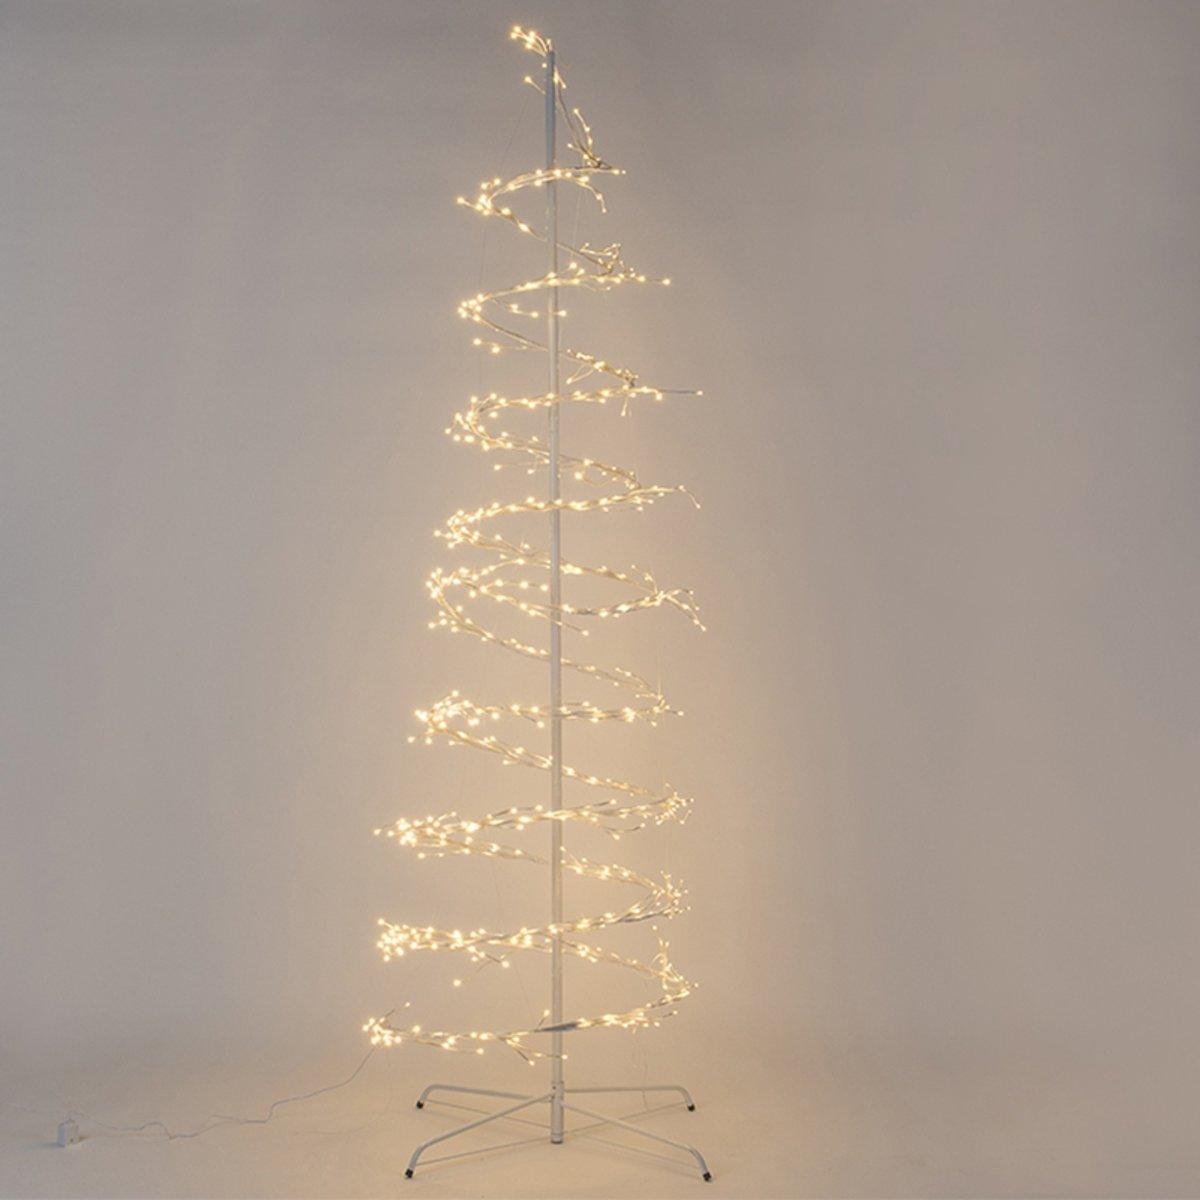 Kerstverlichting spiraalboom Twinkel LED warm wit 2,4 meter kopen